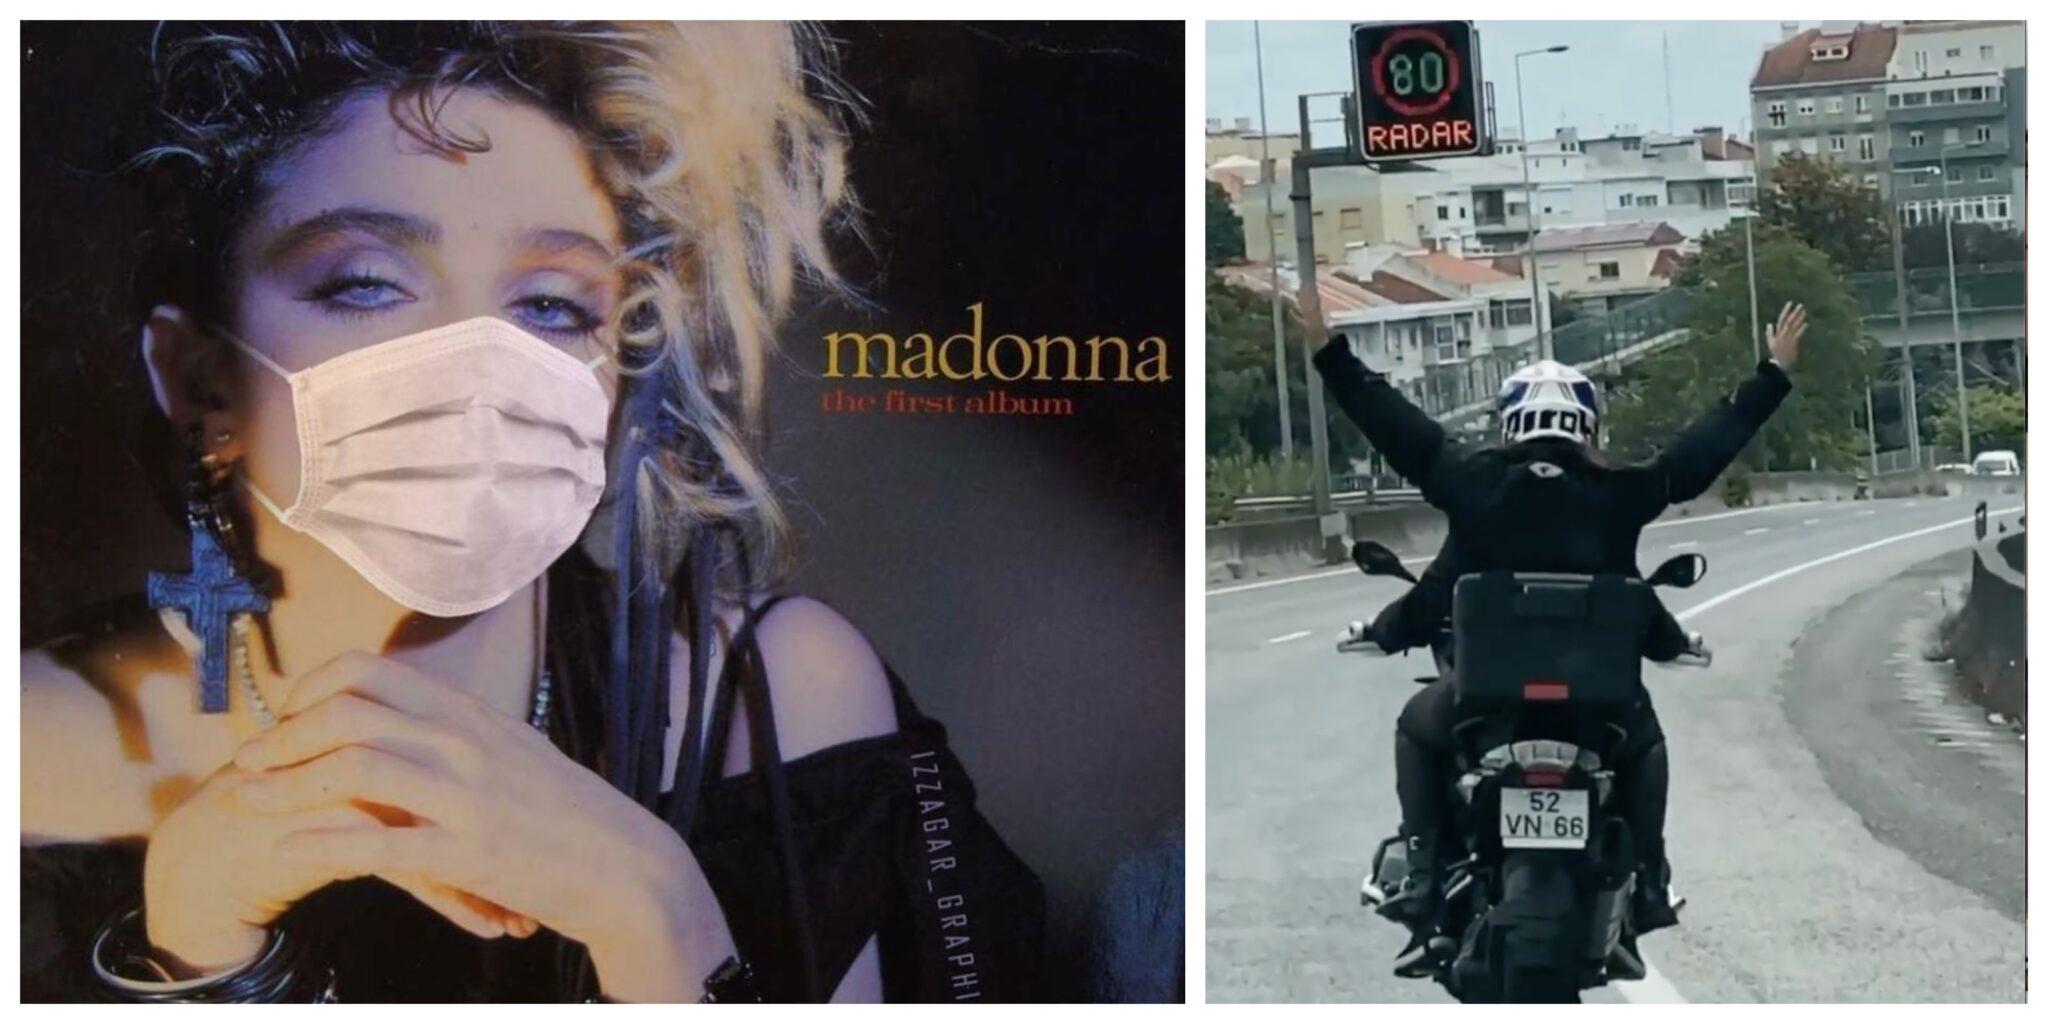 Madonna Lisboa Scaled Madonna Mostra-Se A Andar De Mota Em Lisboa Depois De Ter Sido Infetada Com Covid-19